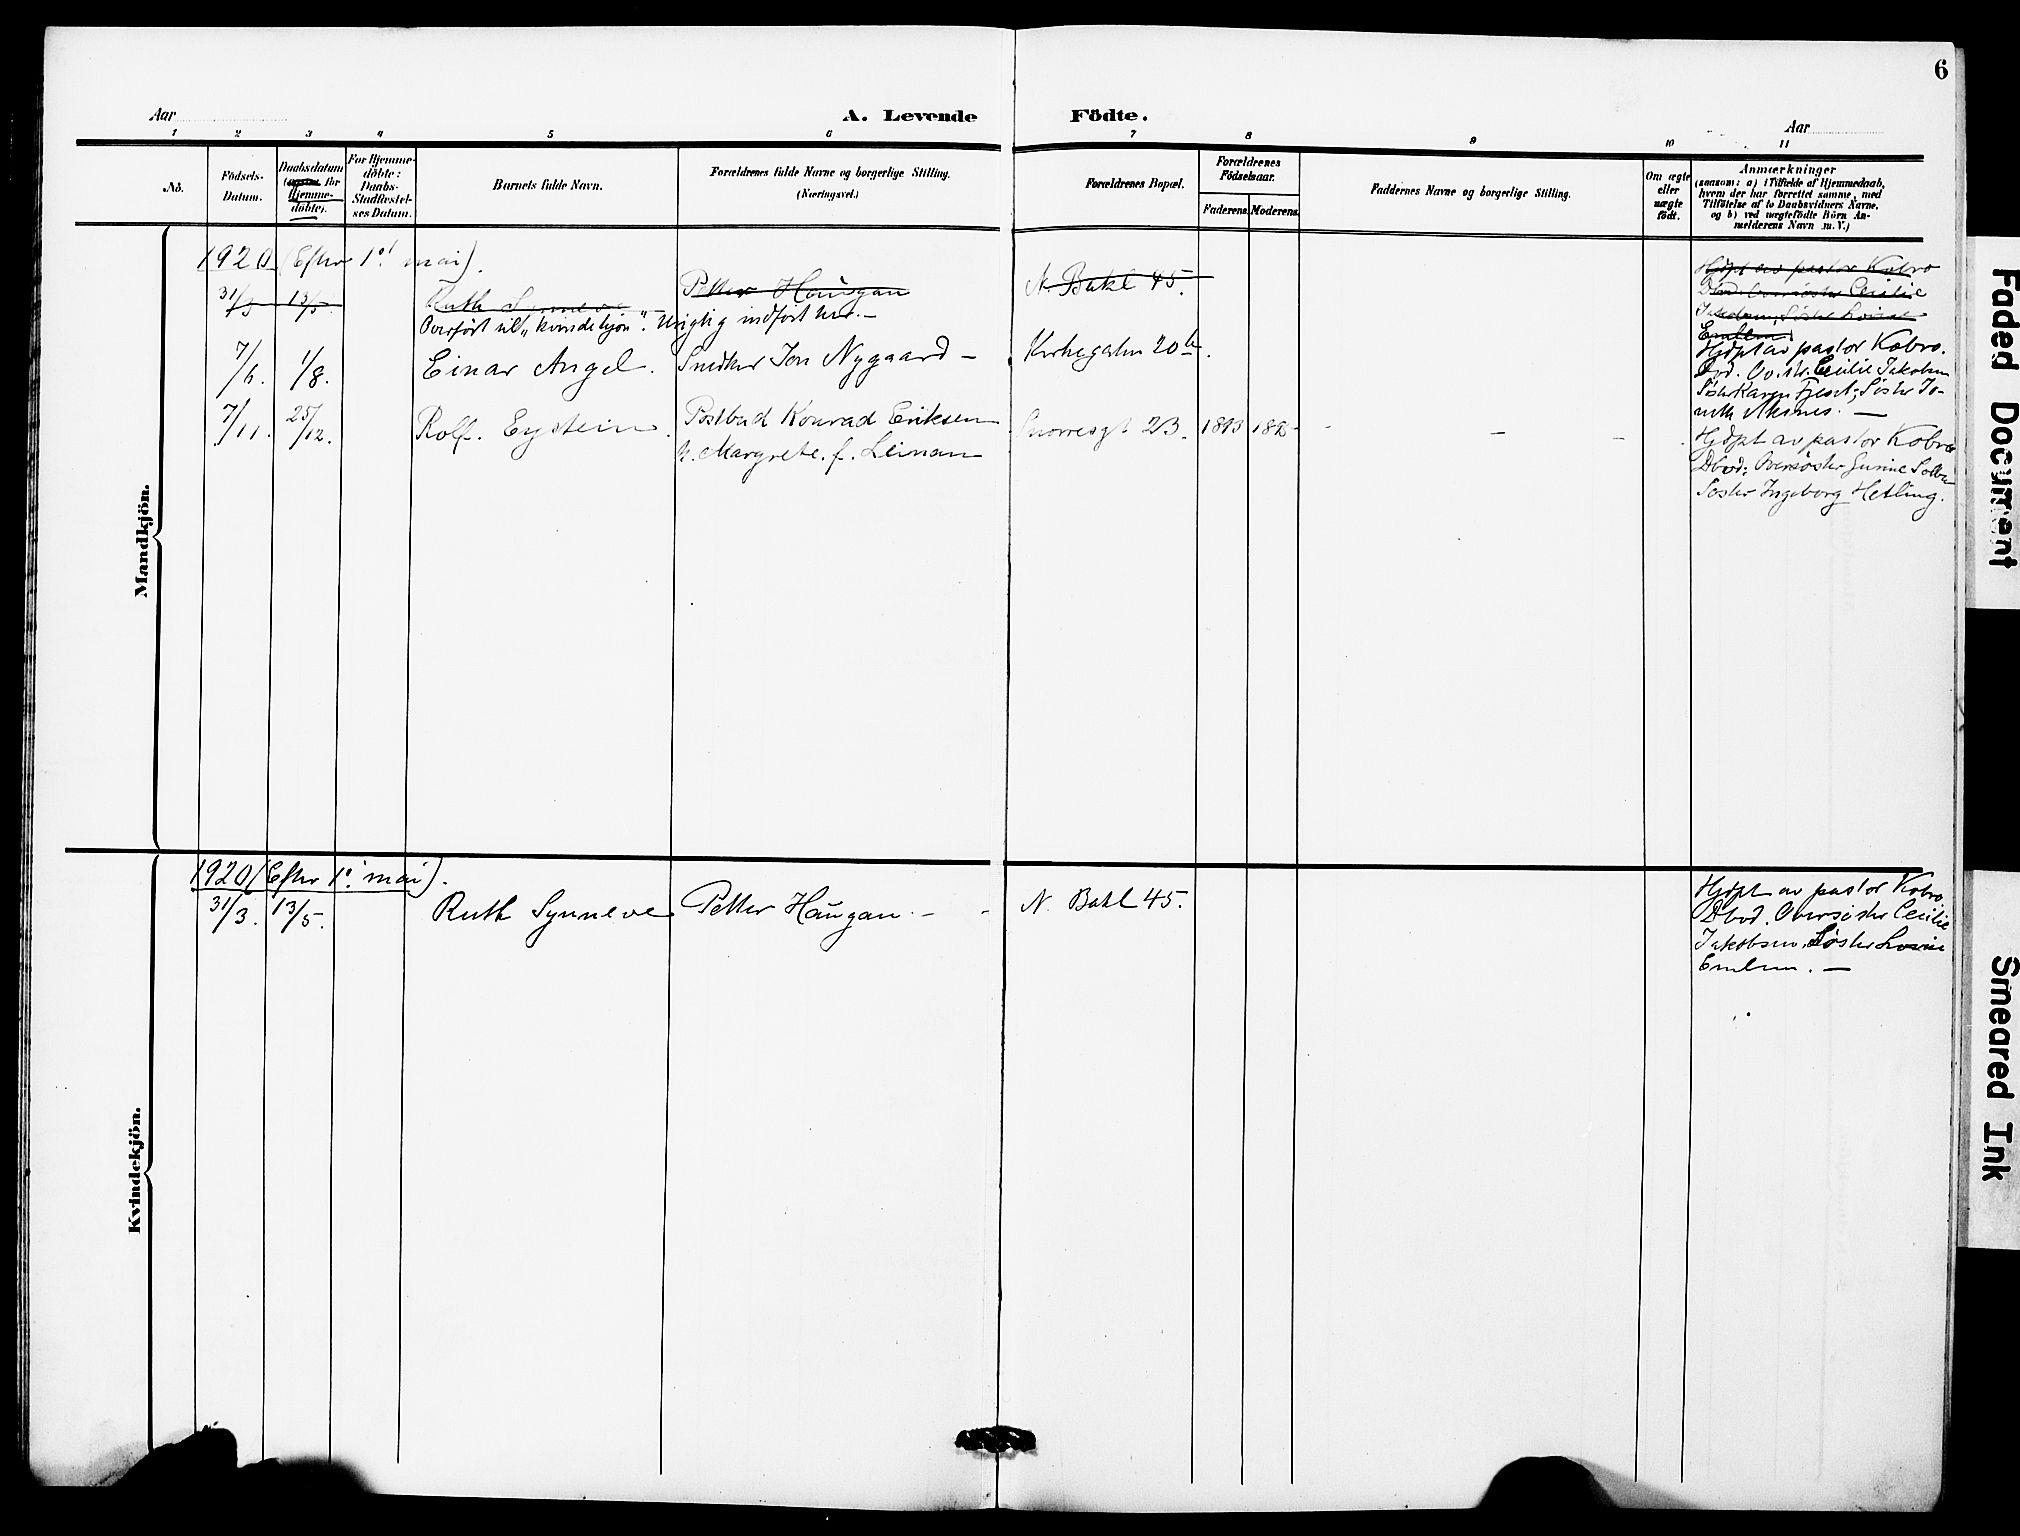 SAT, Ministerialprotokoller, klokkerbøker og fødselsregistre - Sør-Trøndelag, 628/L0483: Ministerialbok nr. 628A01, 1902-1920, s. 6